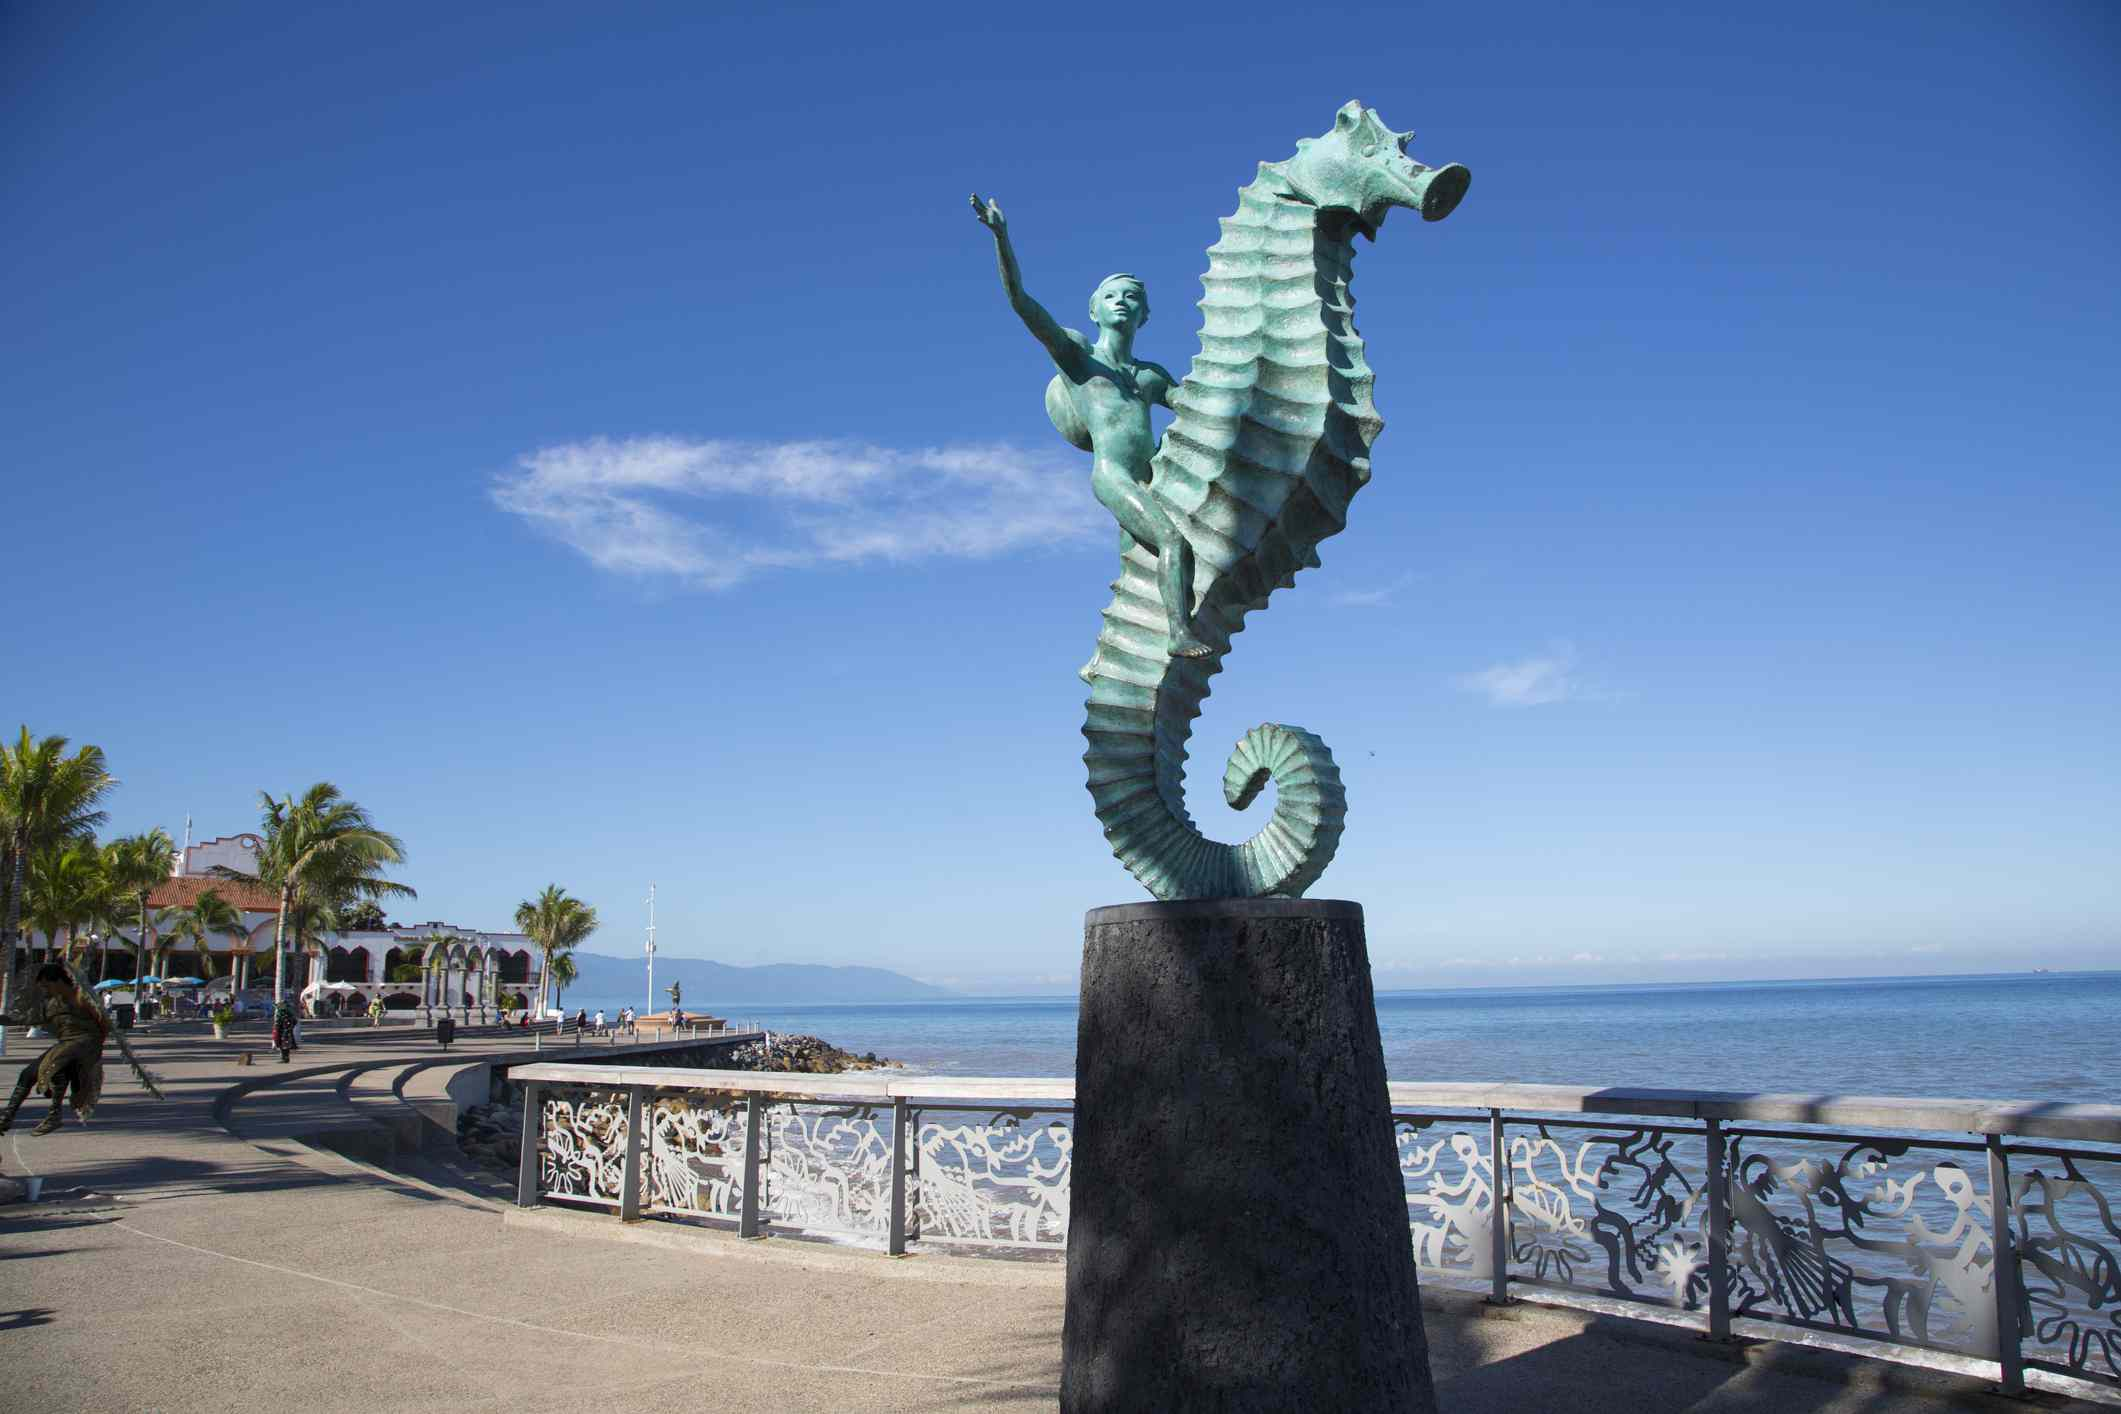 El caballito de mar de Rafael Zamarripa en el malecón de Puerto Vallarta